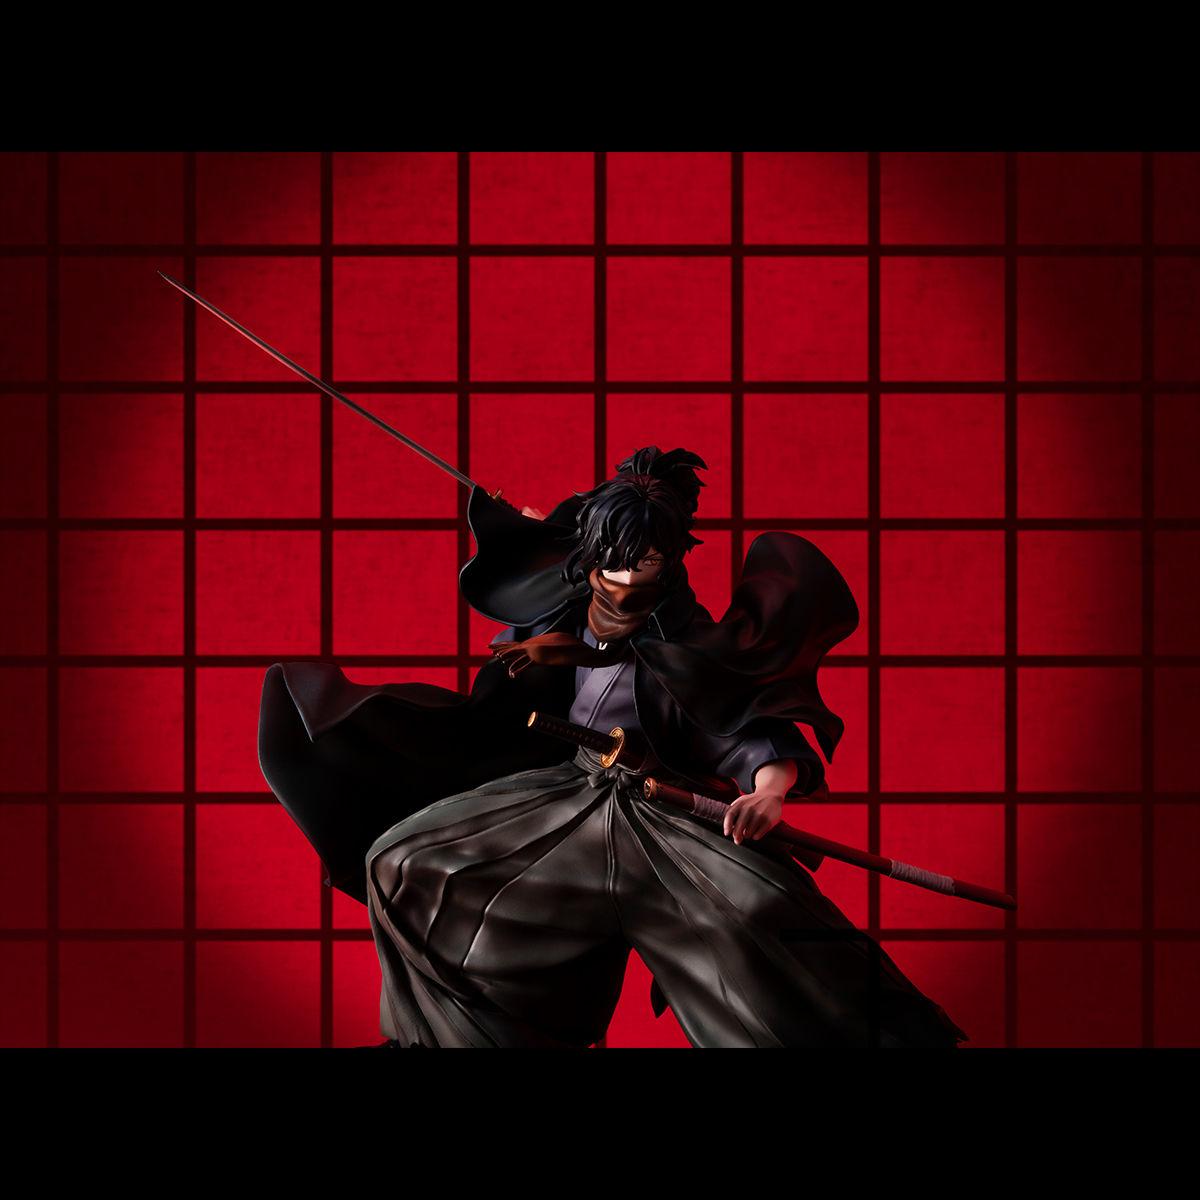 【限定販売】Fate/Grand Order『アサシン/岡田以蔵』1/8 完成品フィギュア-010